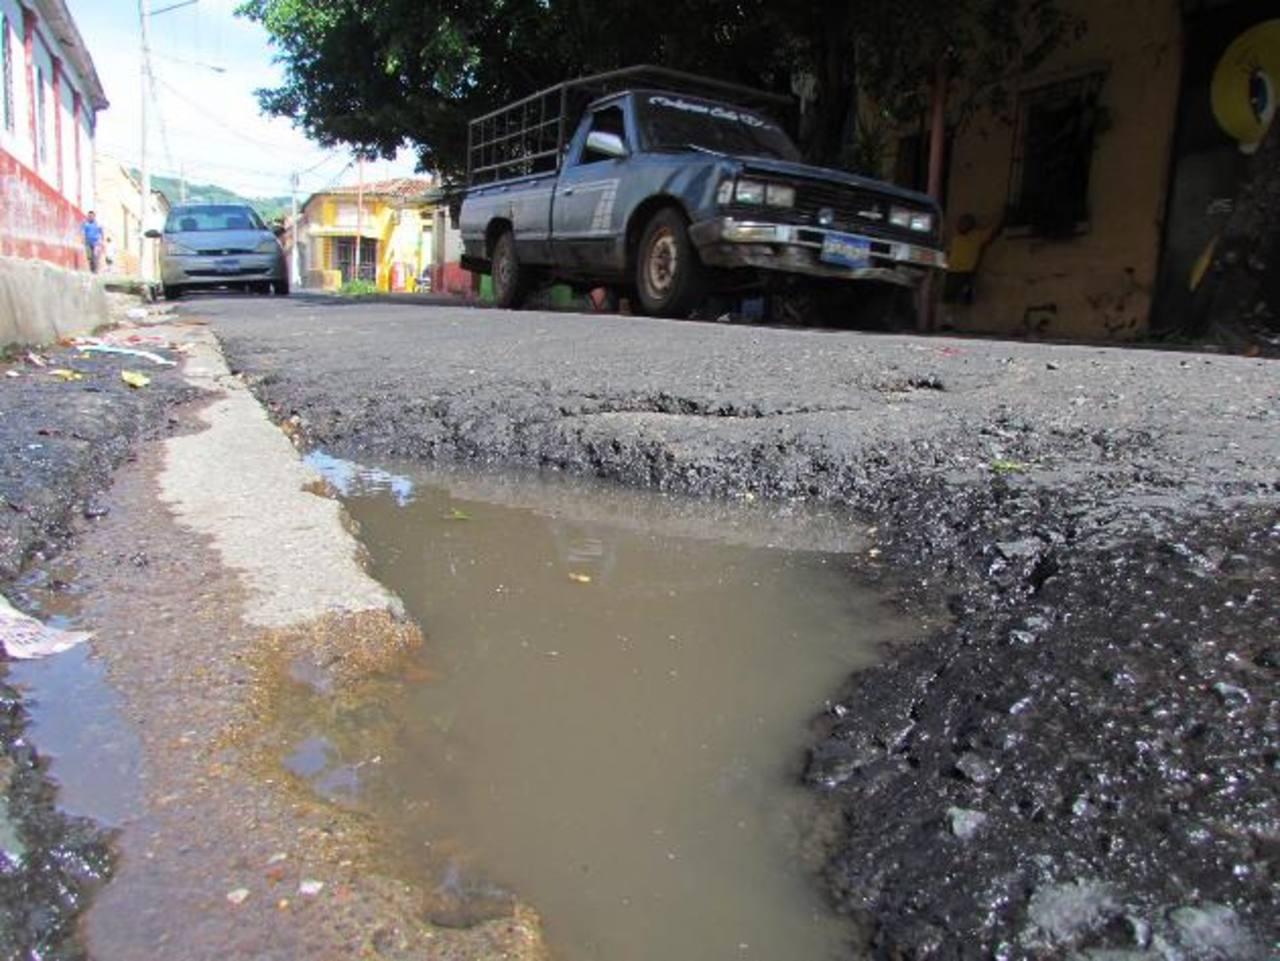 Una fuga de agua ha deteriorado la capa asfáltica en un tramo de la vía por la que a diario transitan numerosos vehículos particulares, buses y camiones. Foto EDH / Mauricio Guevara